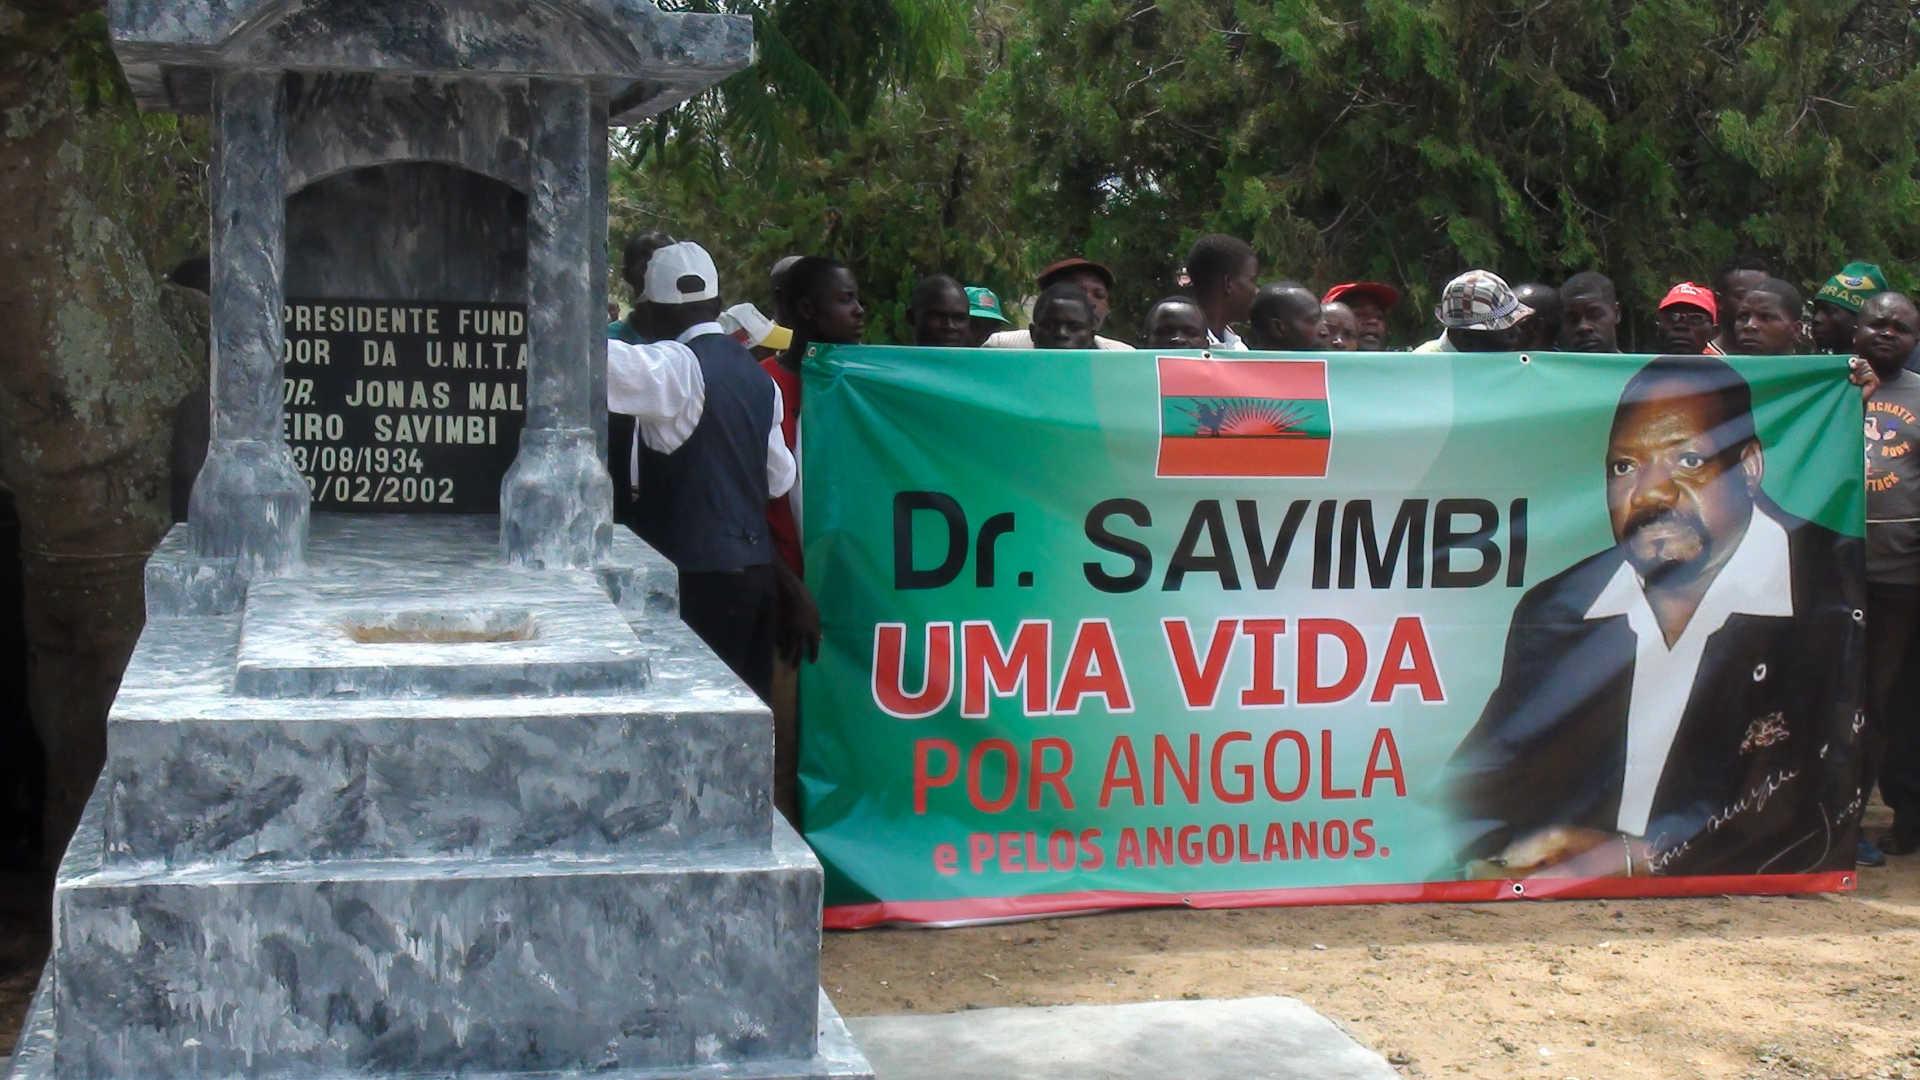 unita diz que mau estado das vias de acesso à aldeia de lopitanga pode condicionar as exéquias de savimbi - Tumulo Savimbi - UNITA diz que mau estado das vias de acesso à aldeia de Lopitanga pode condicionar as exéquias de Savimbi